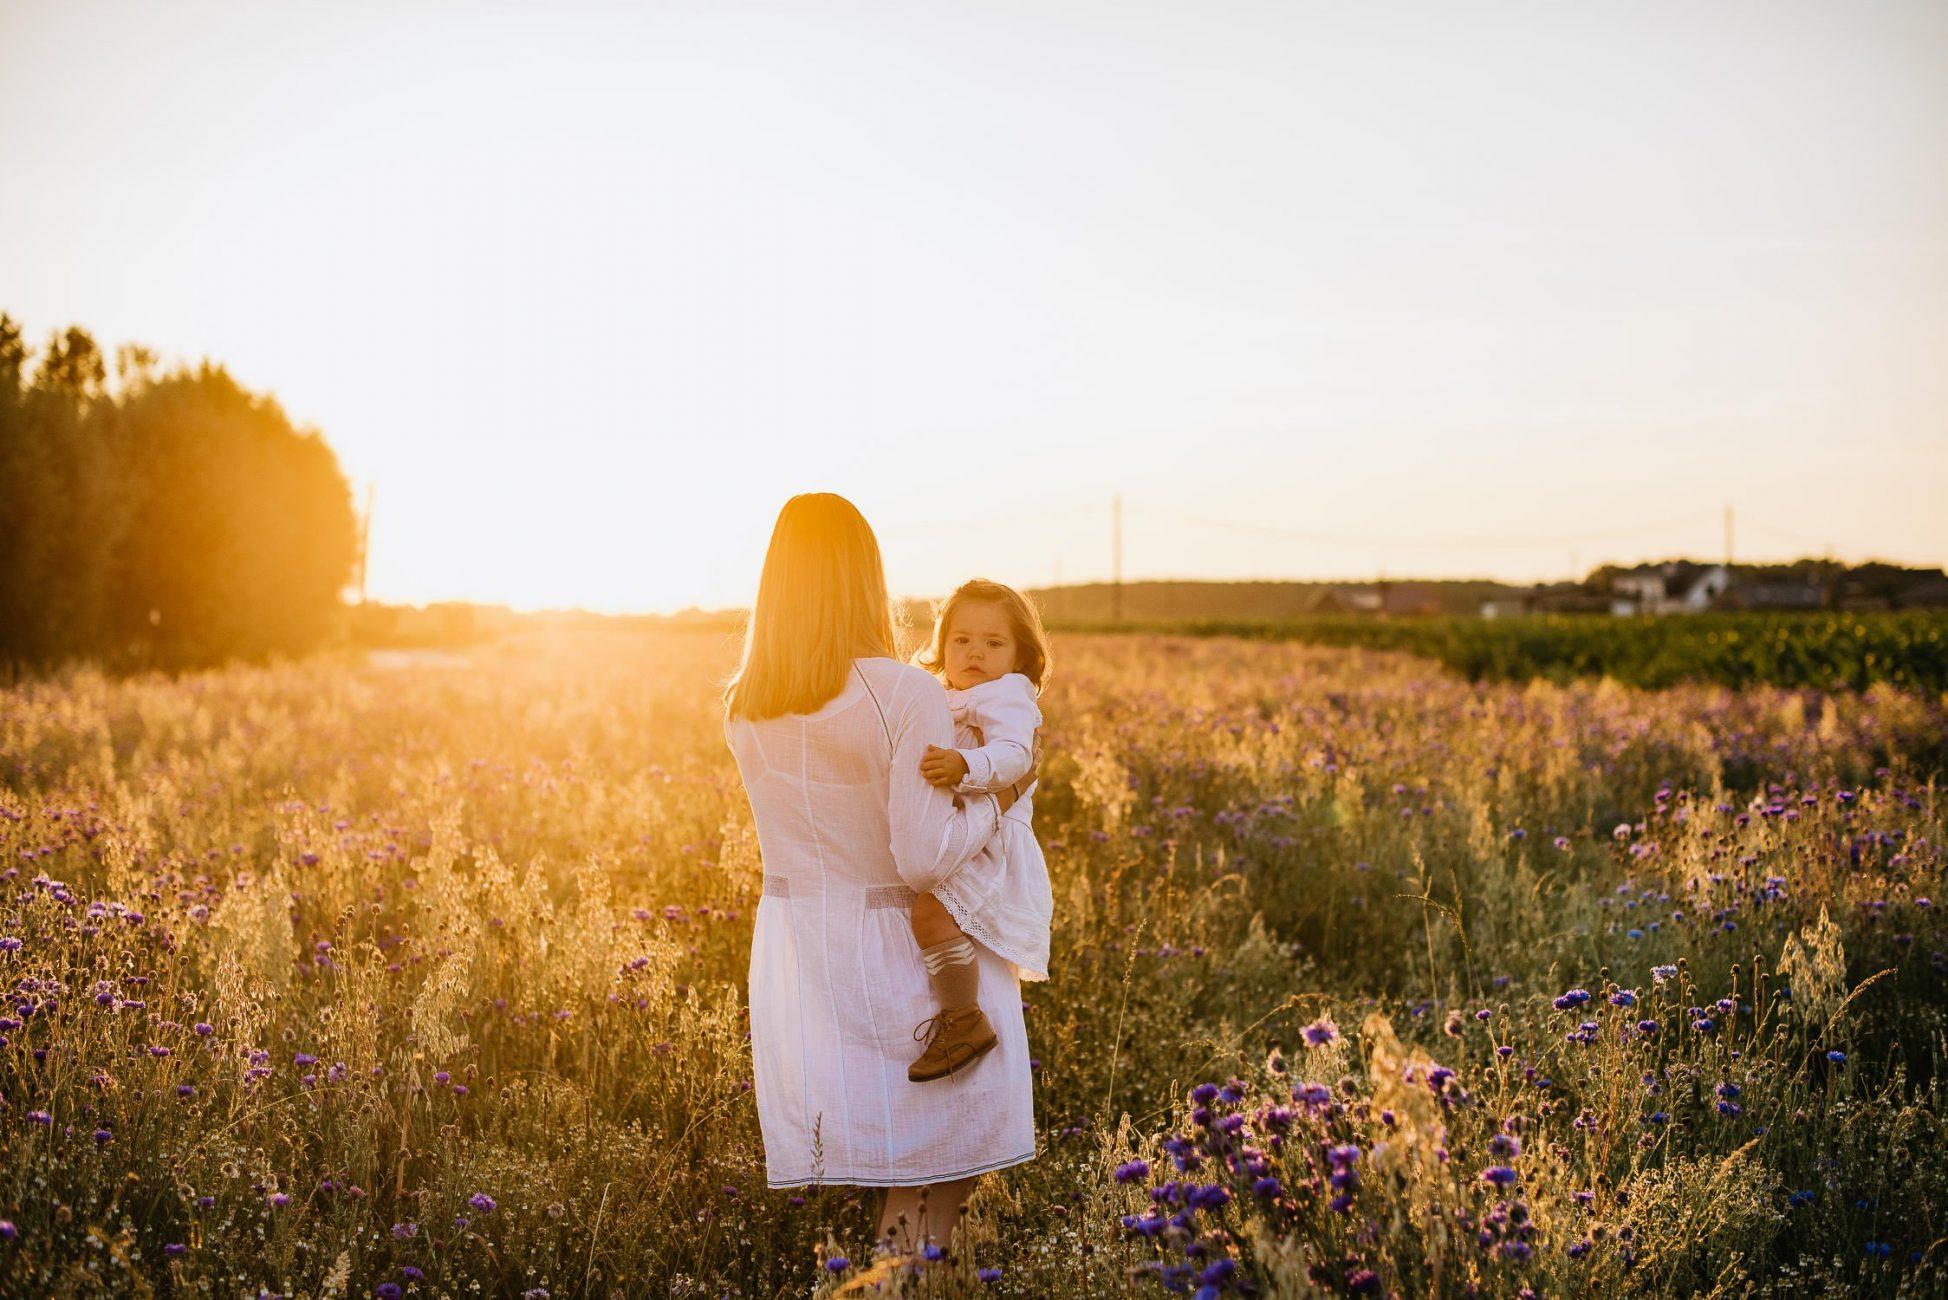 Nore en Elena gezinsshoot bloemenveld golden hour